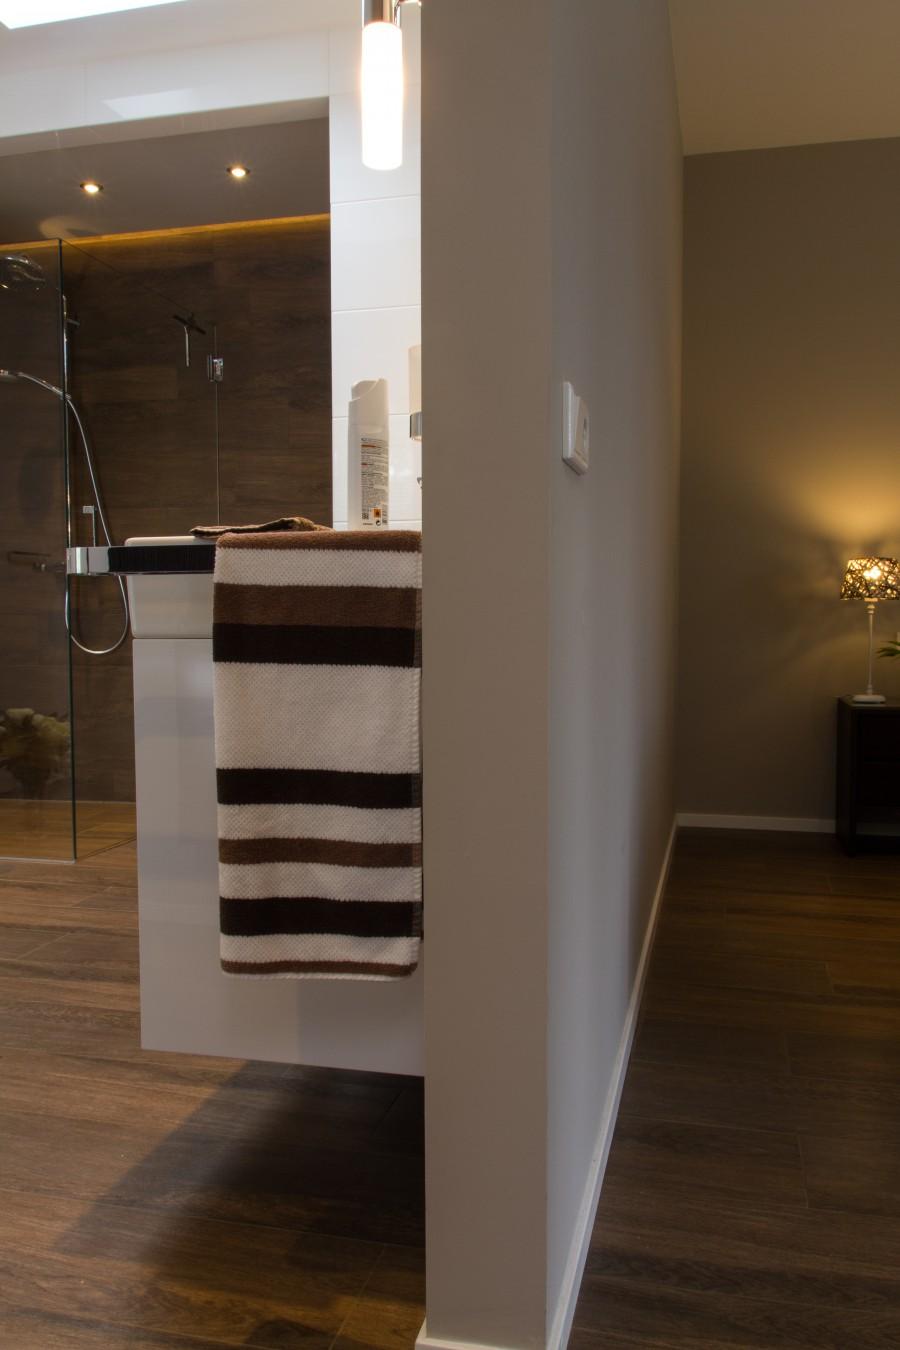 badkamer sanitair helmond  brigee, Meubels Ideeën